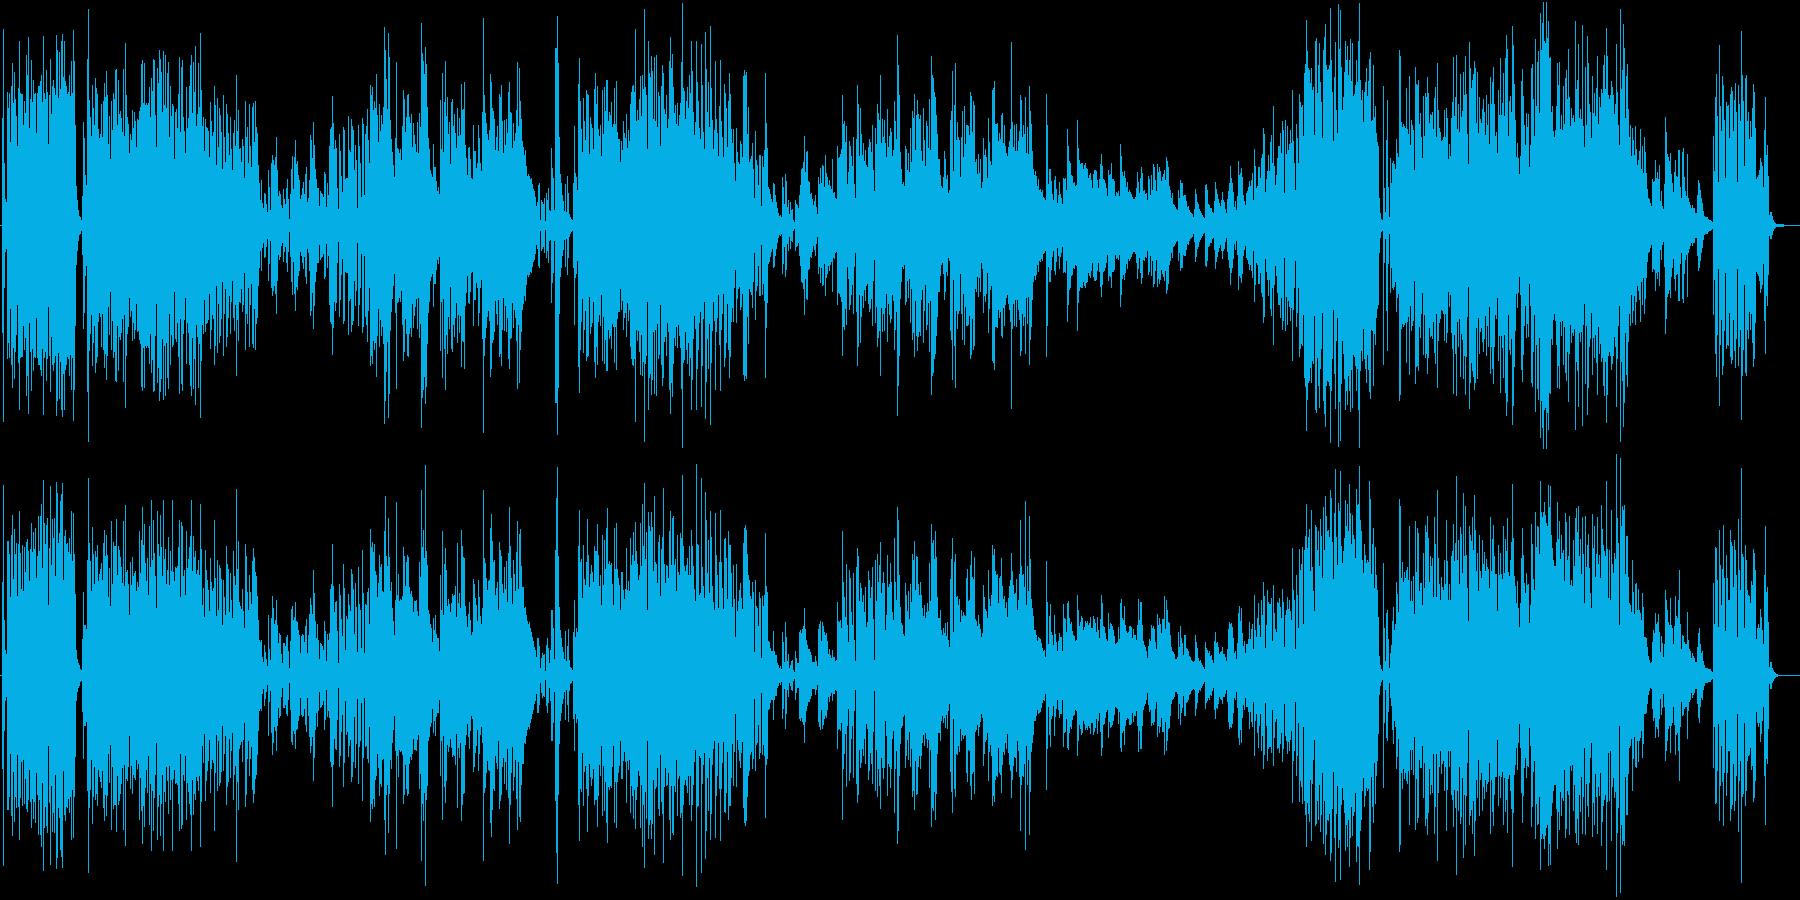 CM】オシャレ クール テーマ曲風ジャズの再生済みの波形